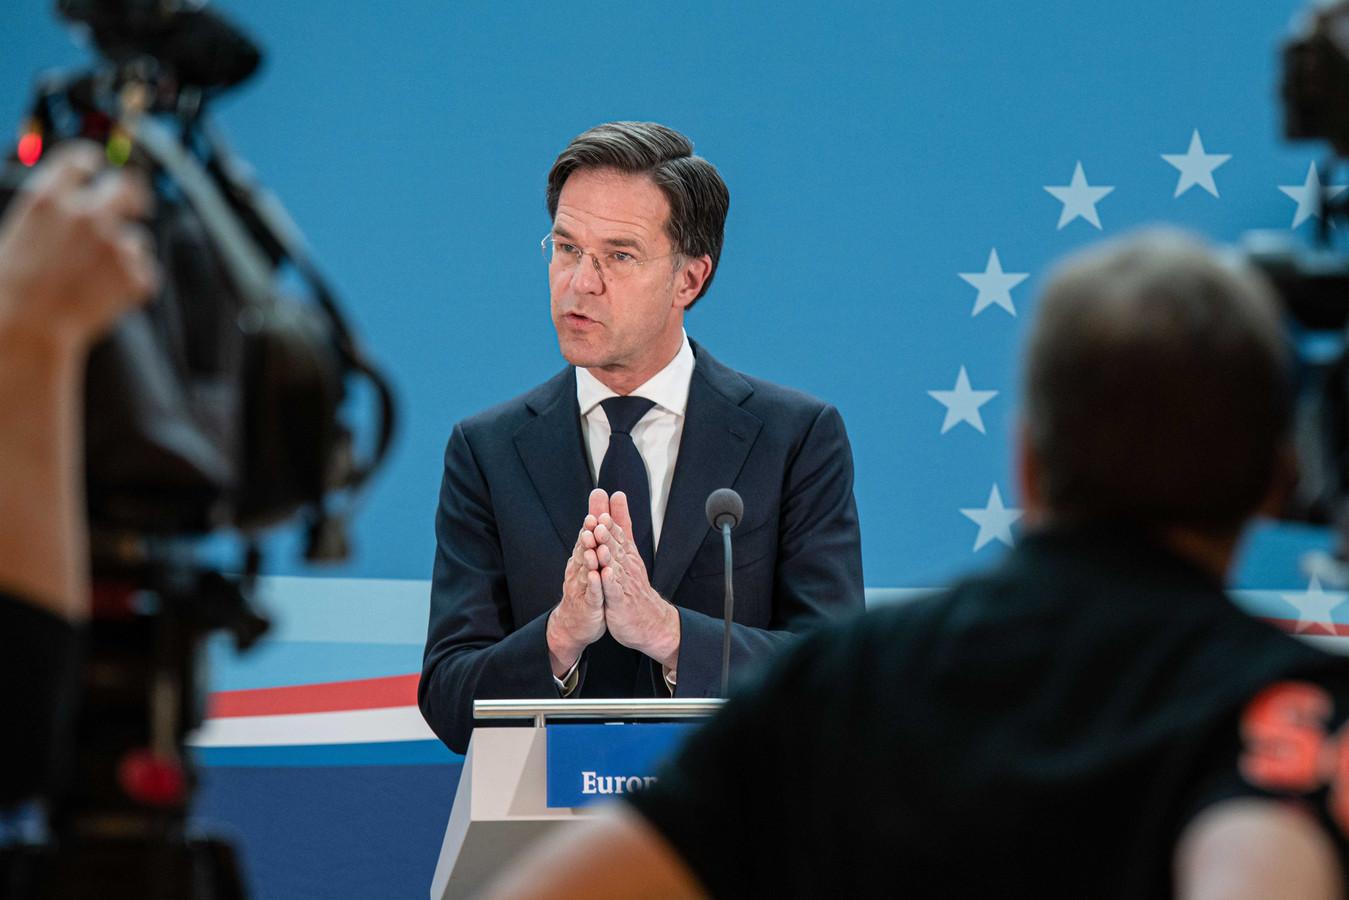 Demissionair premier Mark Rutte staat de pers te woord bij de permanente vertegenwoordiging van Nederland in Brussel voorafgaand aan de tweede dag van de buitengewone EU-top.